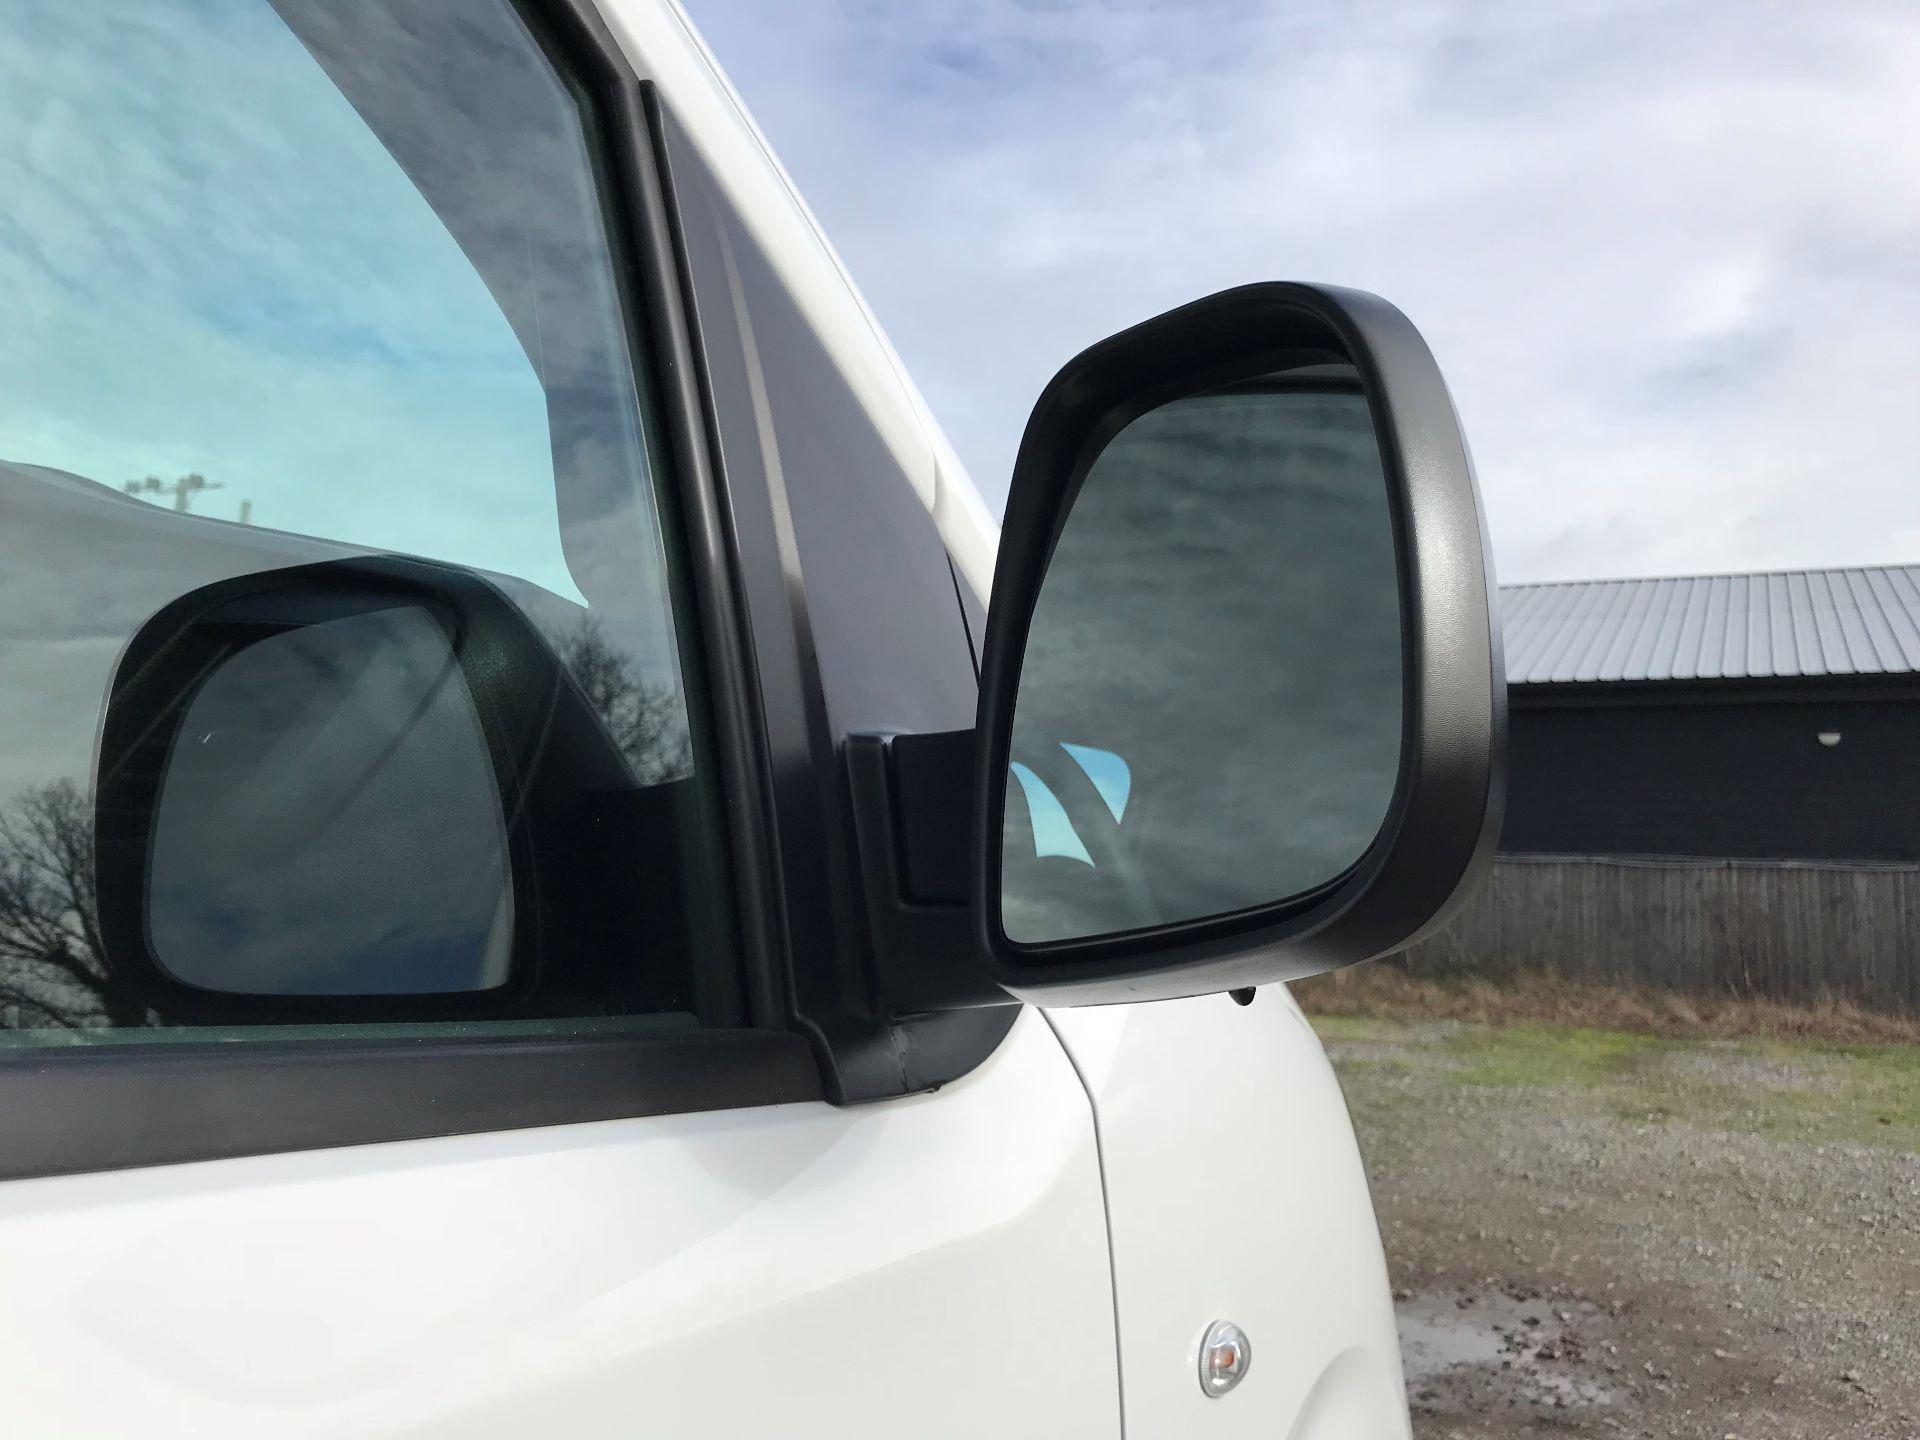 2018 Peugeot Expert  STANDARD 1000 1.6 BLUEHDI 95 S EURO 6 (NU68OFJ) Image 14